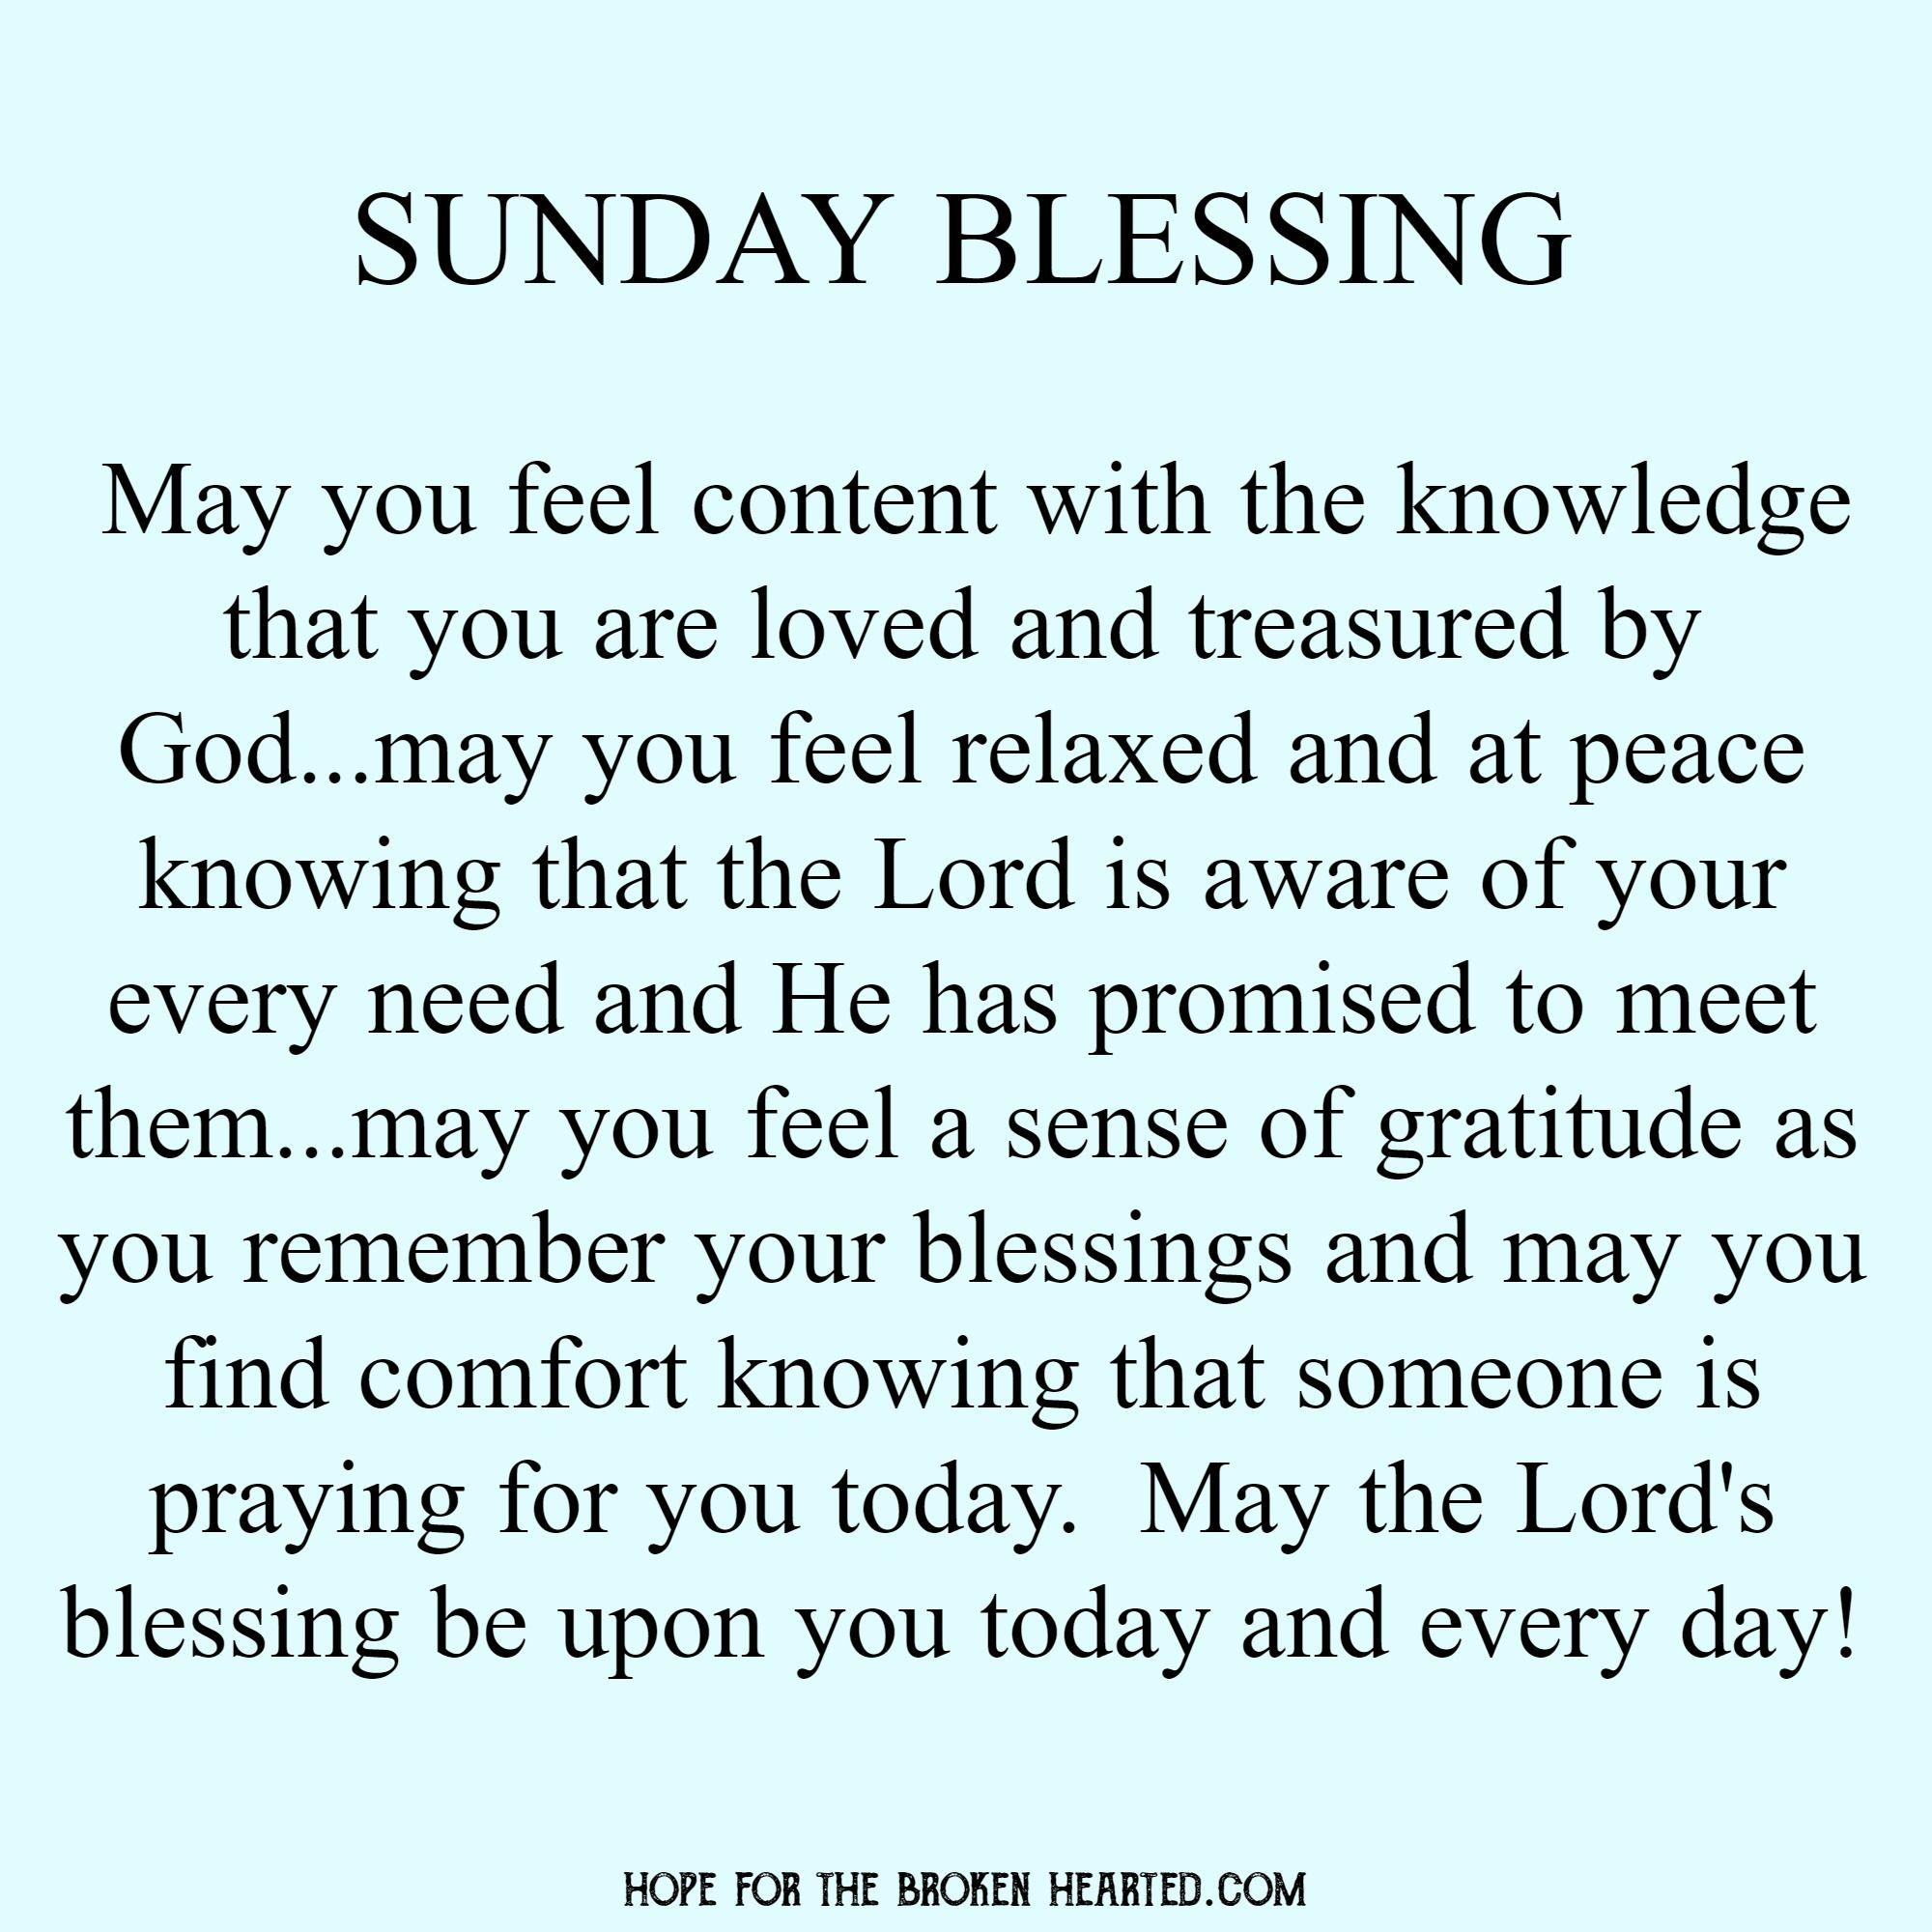 Sunday blessing | Sunday prayer, Good morning prayer, Everyday prayers